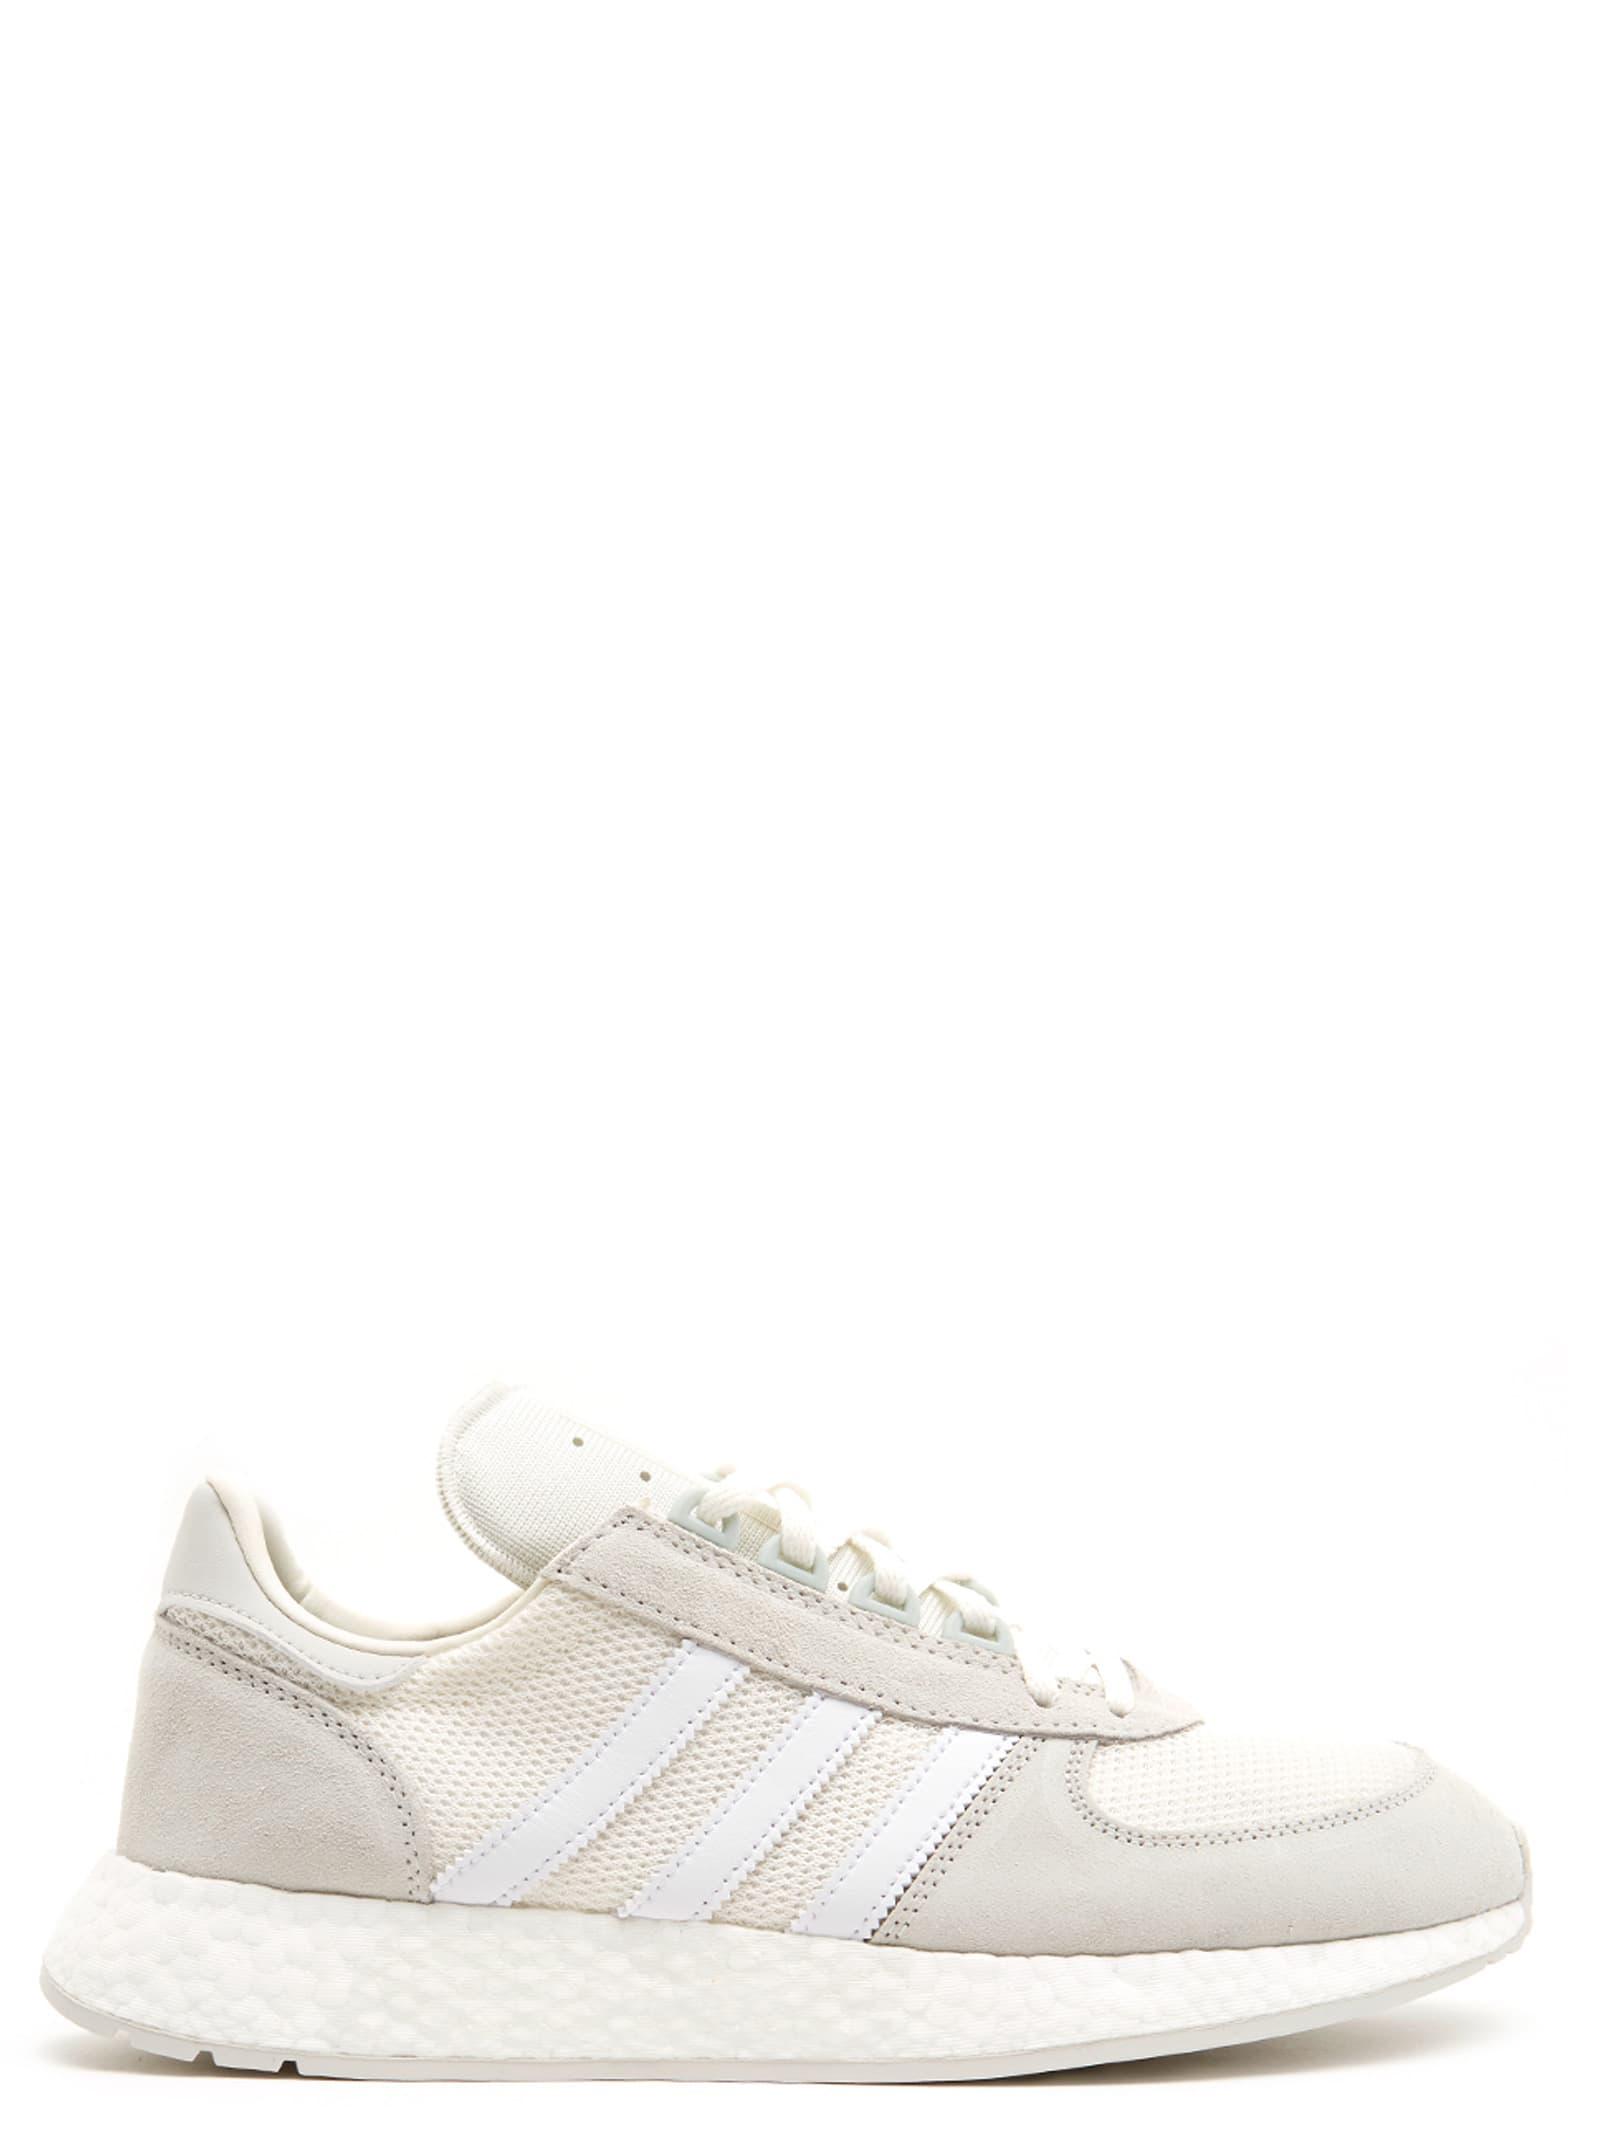 Shoes Originals 'marathonx5923' Shoes Adidas Adidas Originals 'marathonx5923' KuT5JlcF13